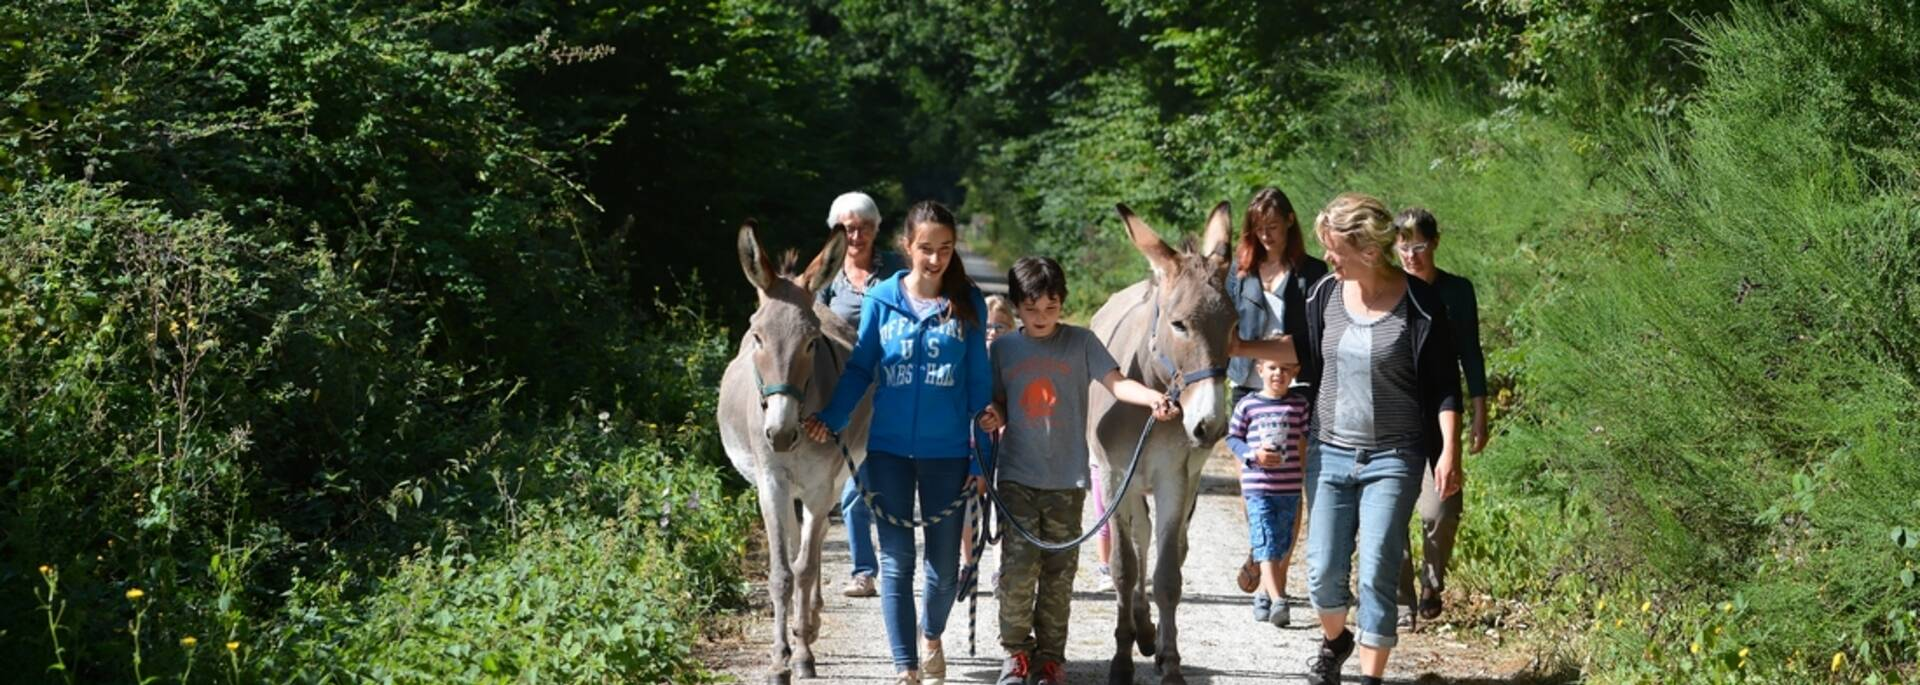 Randonnée sur la voie verte avec les ânes